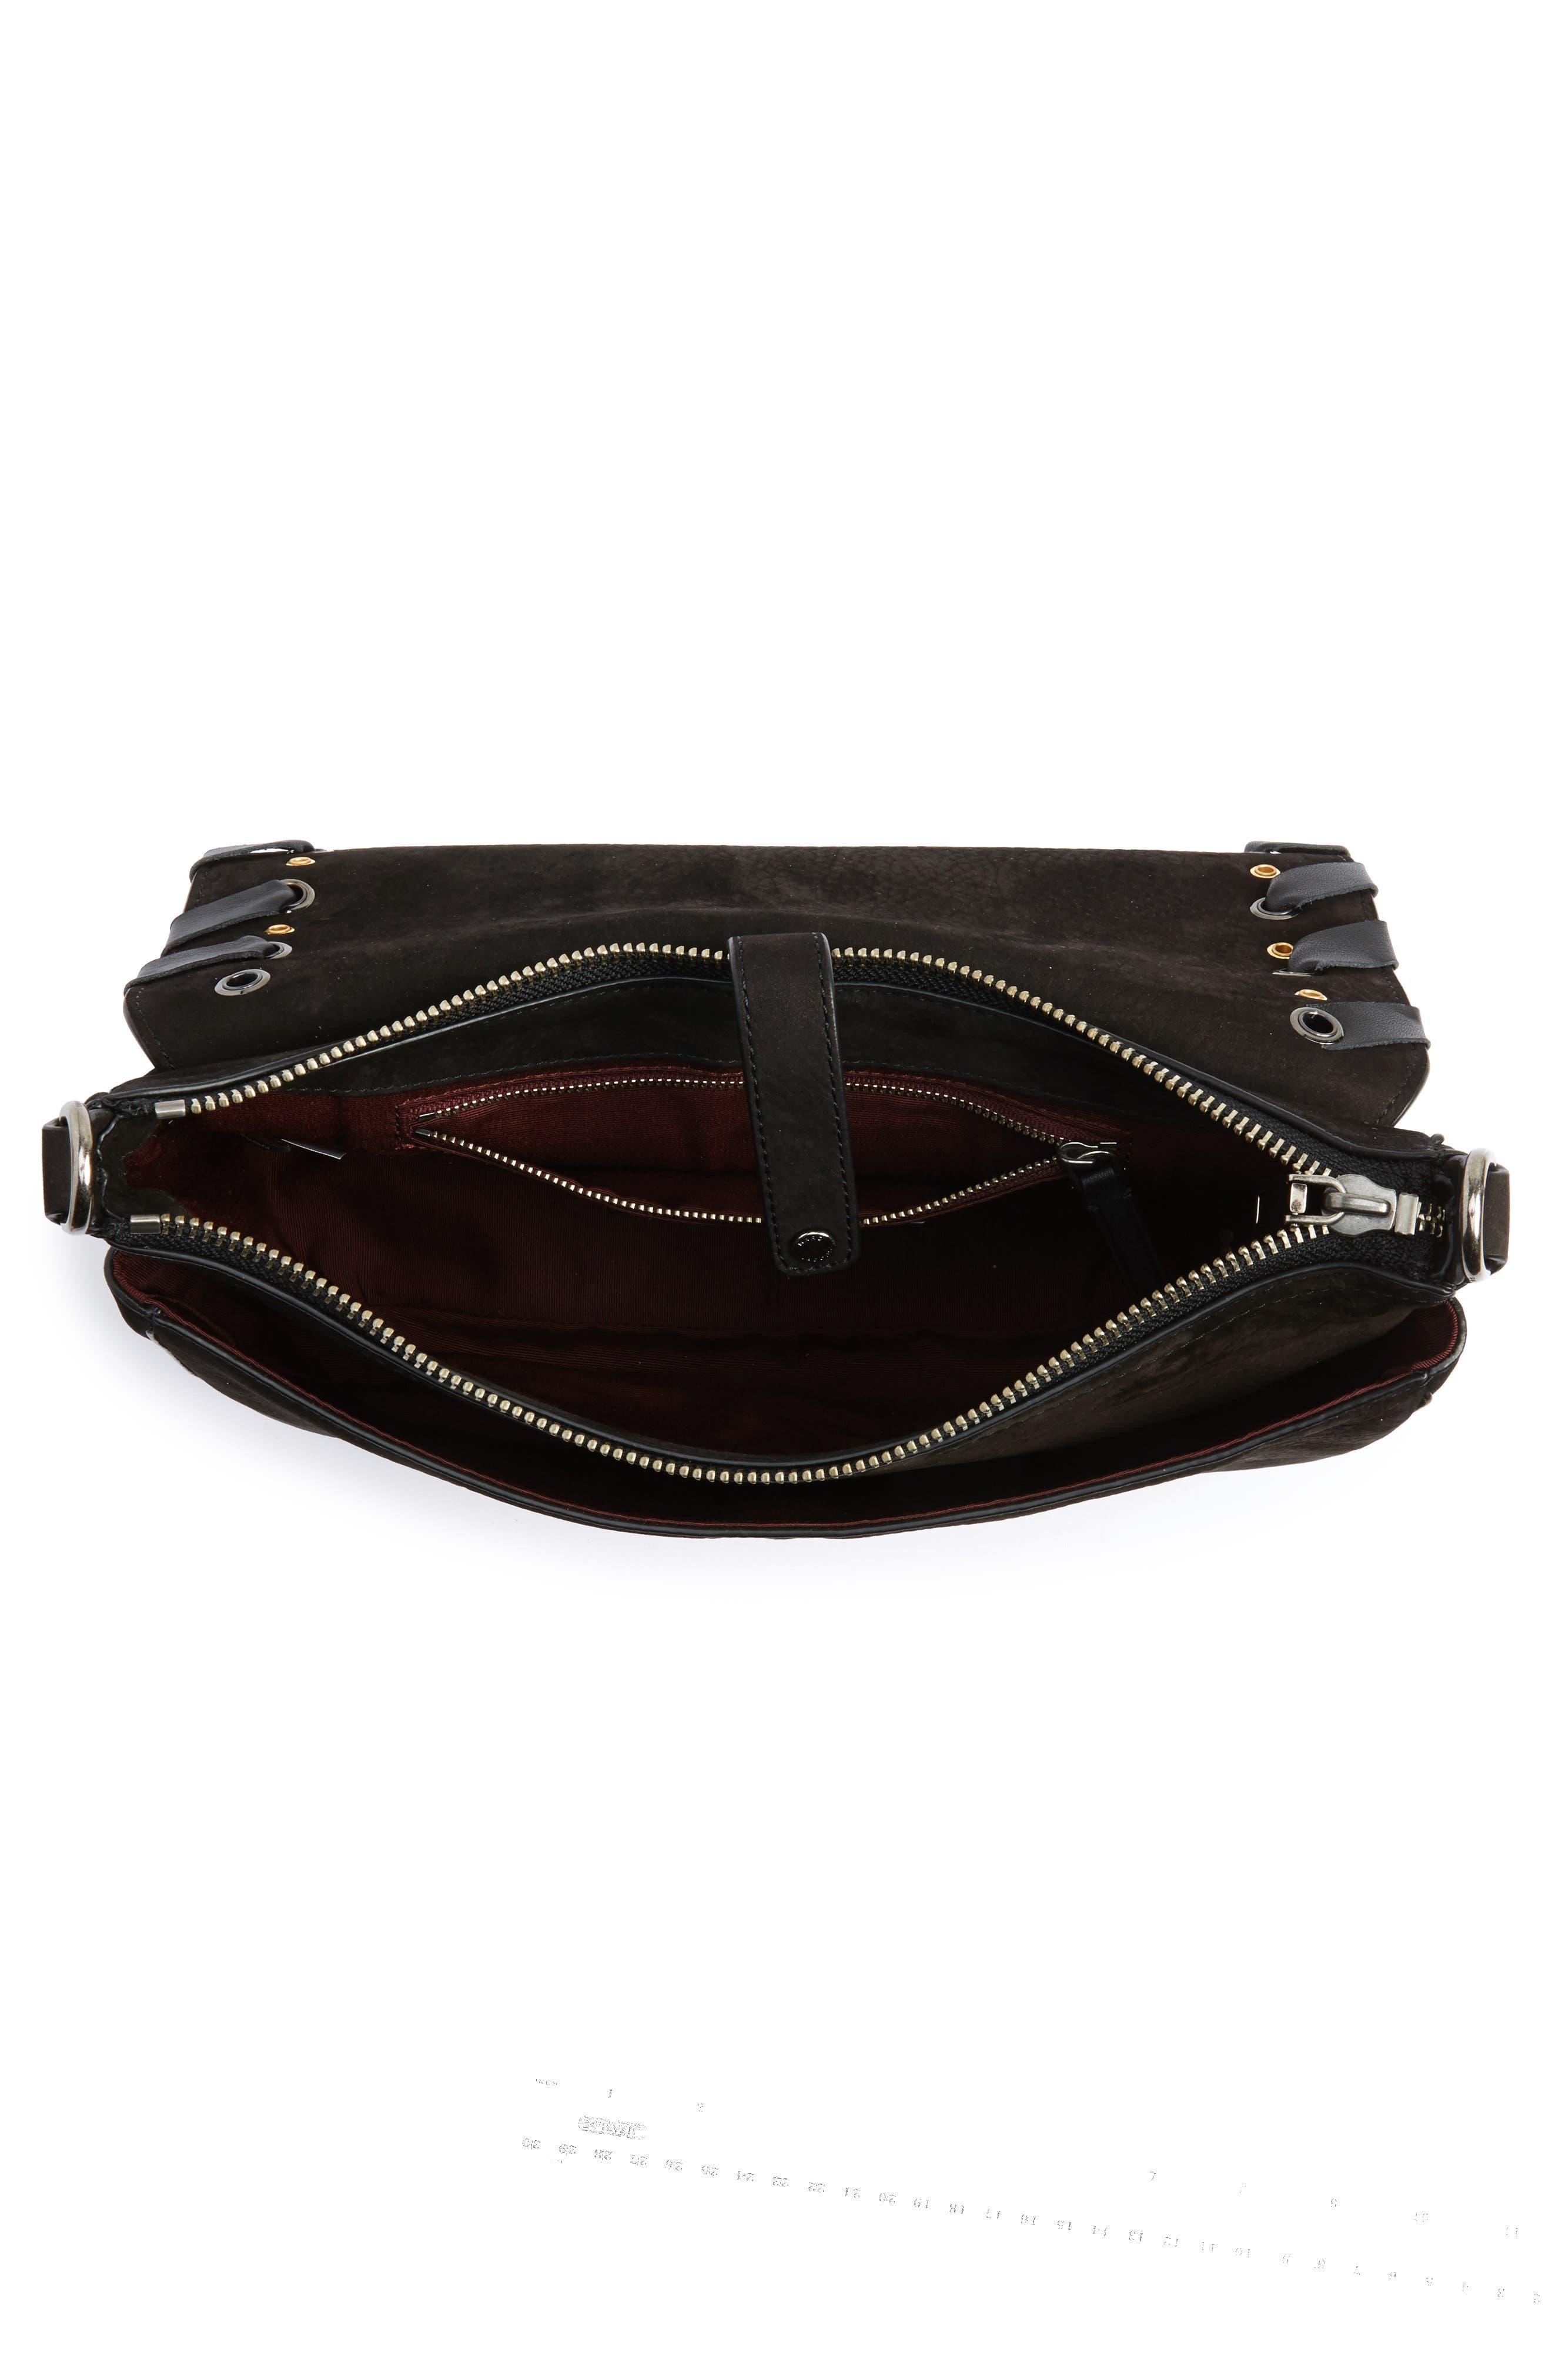 Alternate Image 3  - MARC JACOBS Courier Nubuck Leather Shoulder Bag